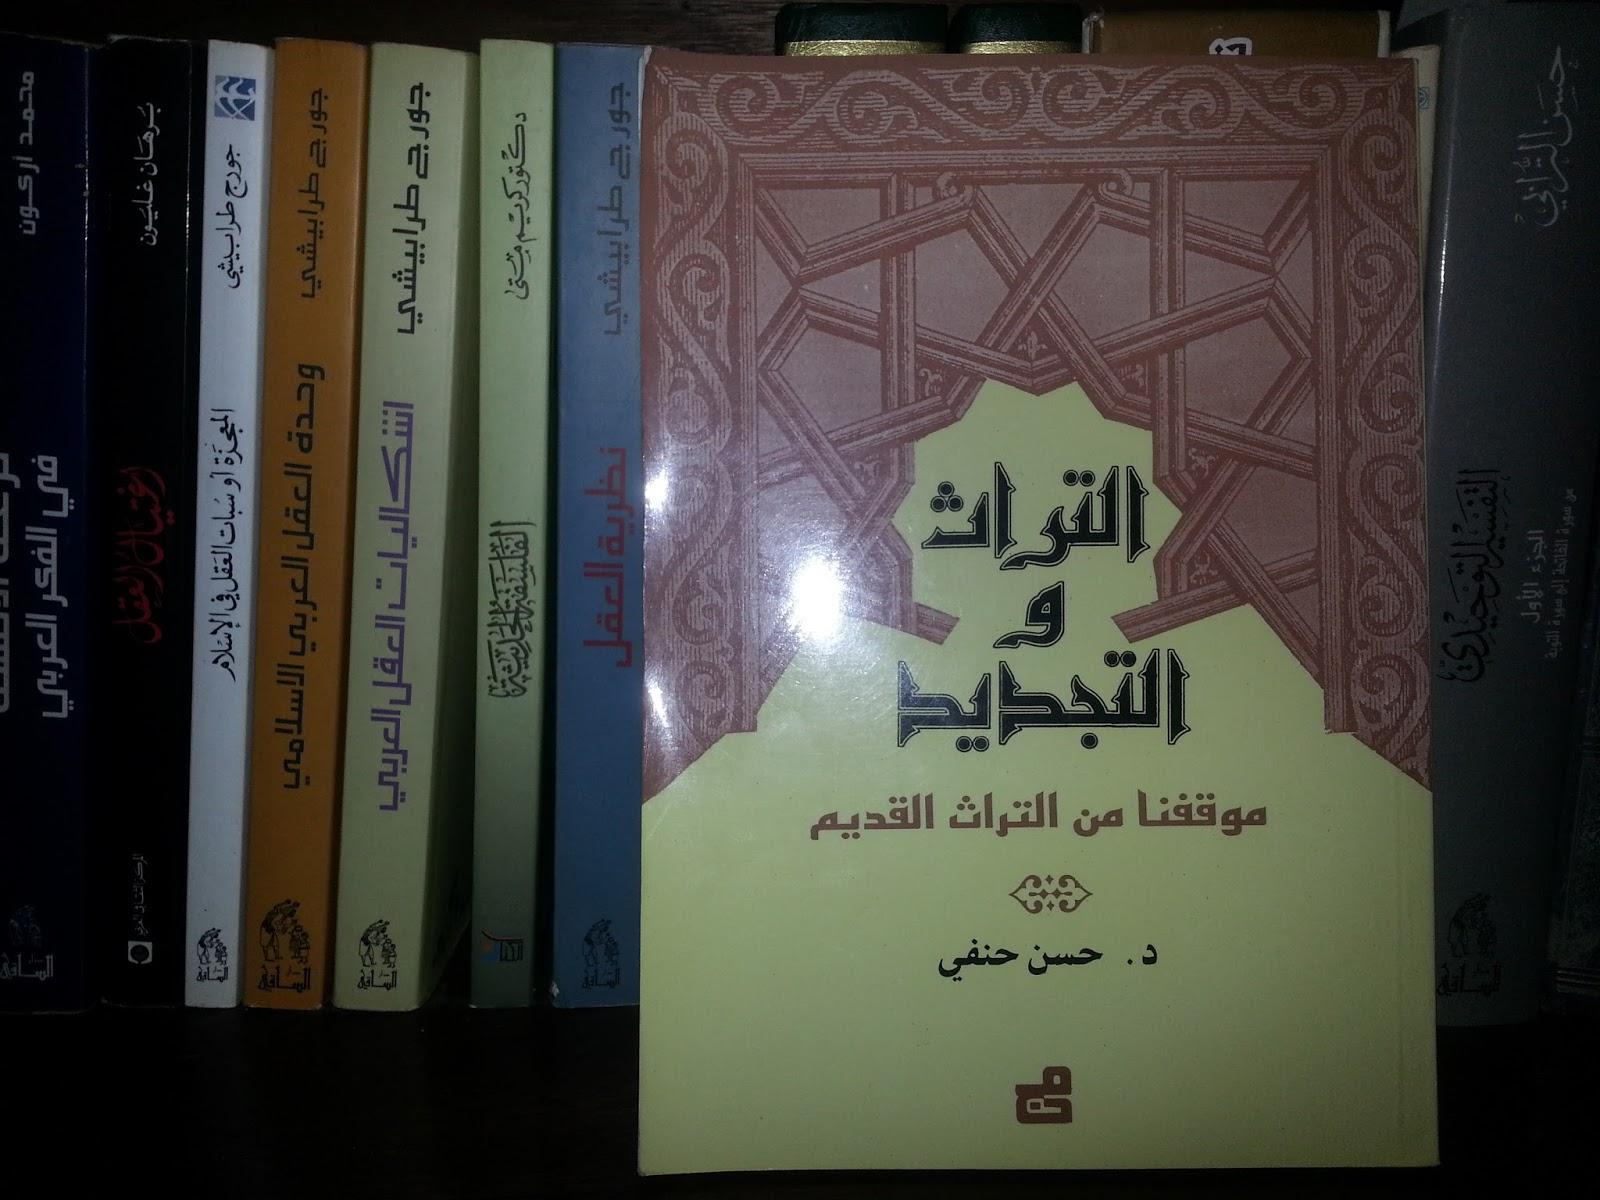 تحميل كتب حسن حنفي pdf